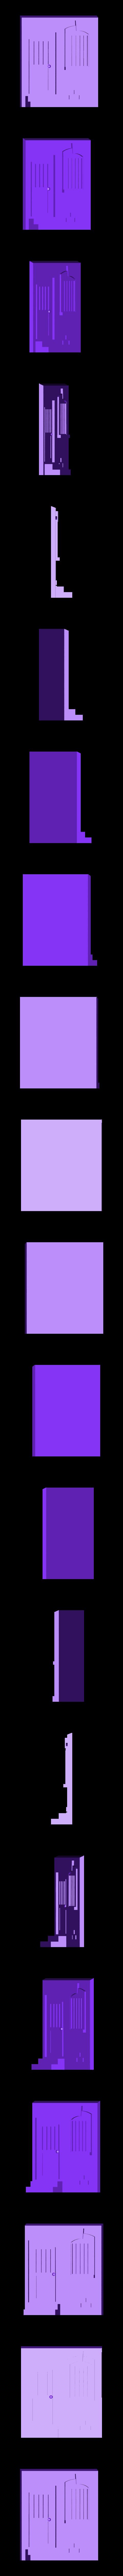 nick2_ext_entr1_1.stl Télécharger fichier STL gratuit Ripper's London - The Nick • Plan pour imprimante 3D, Earsling